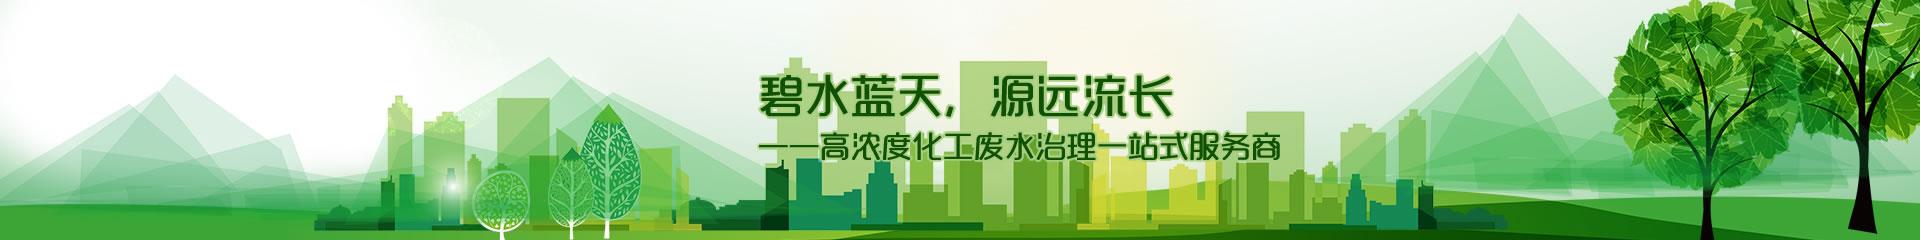 江苏金碧源环保科技有限公司